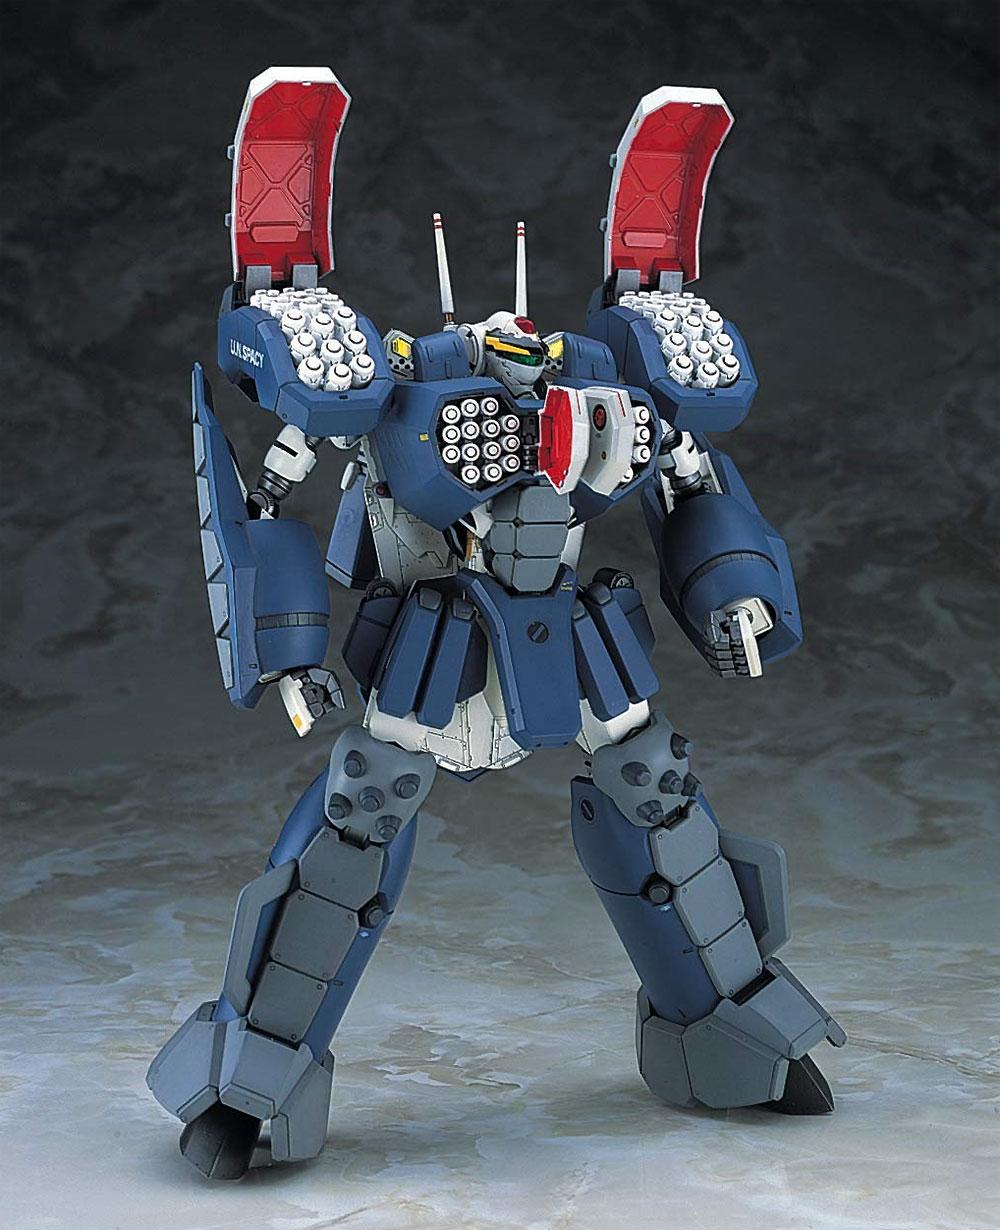 リアクティブ アーマード VF-0S マクロス ゼロプラモデル(ハセガワ1/72 マクロスシリーズNo.021)商品画像_2